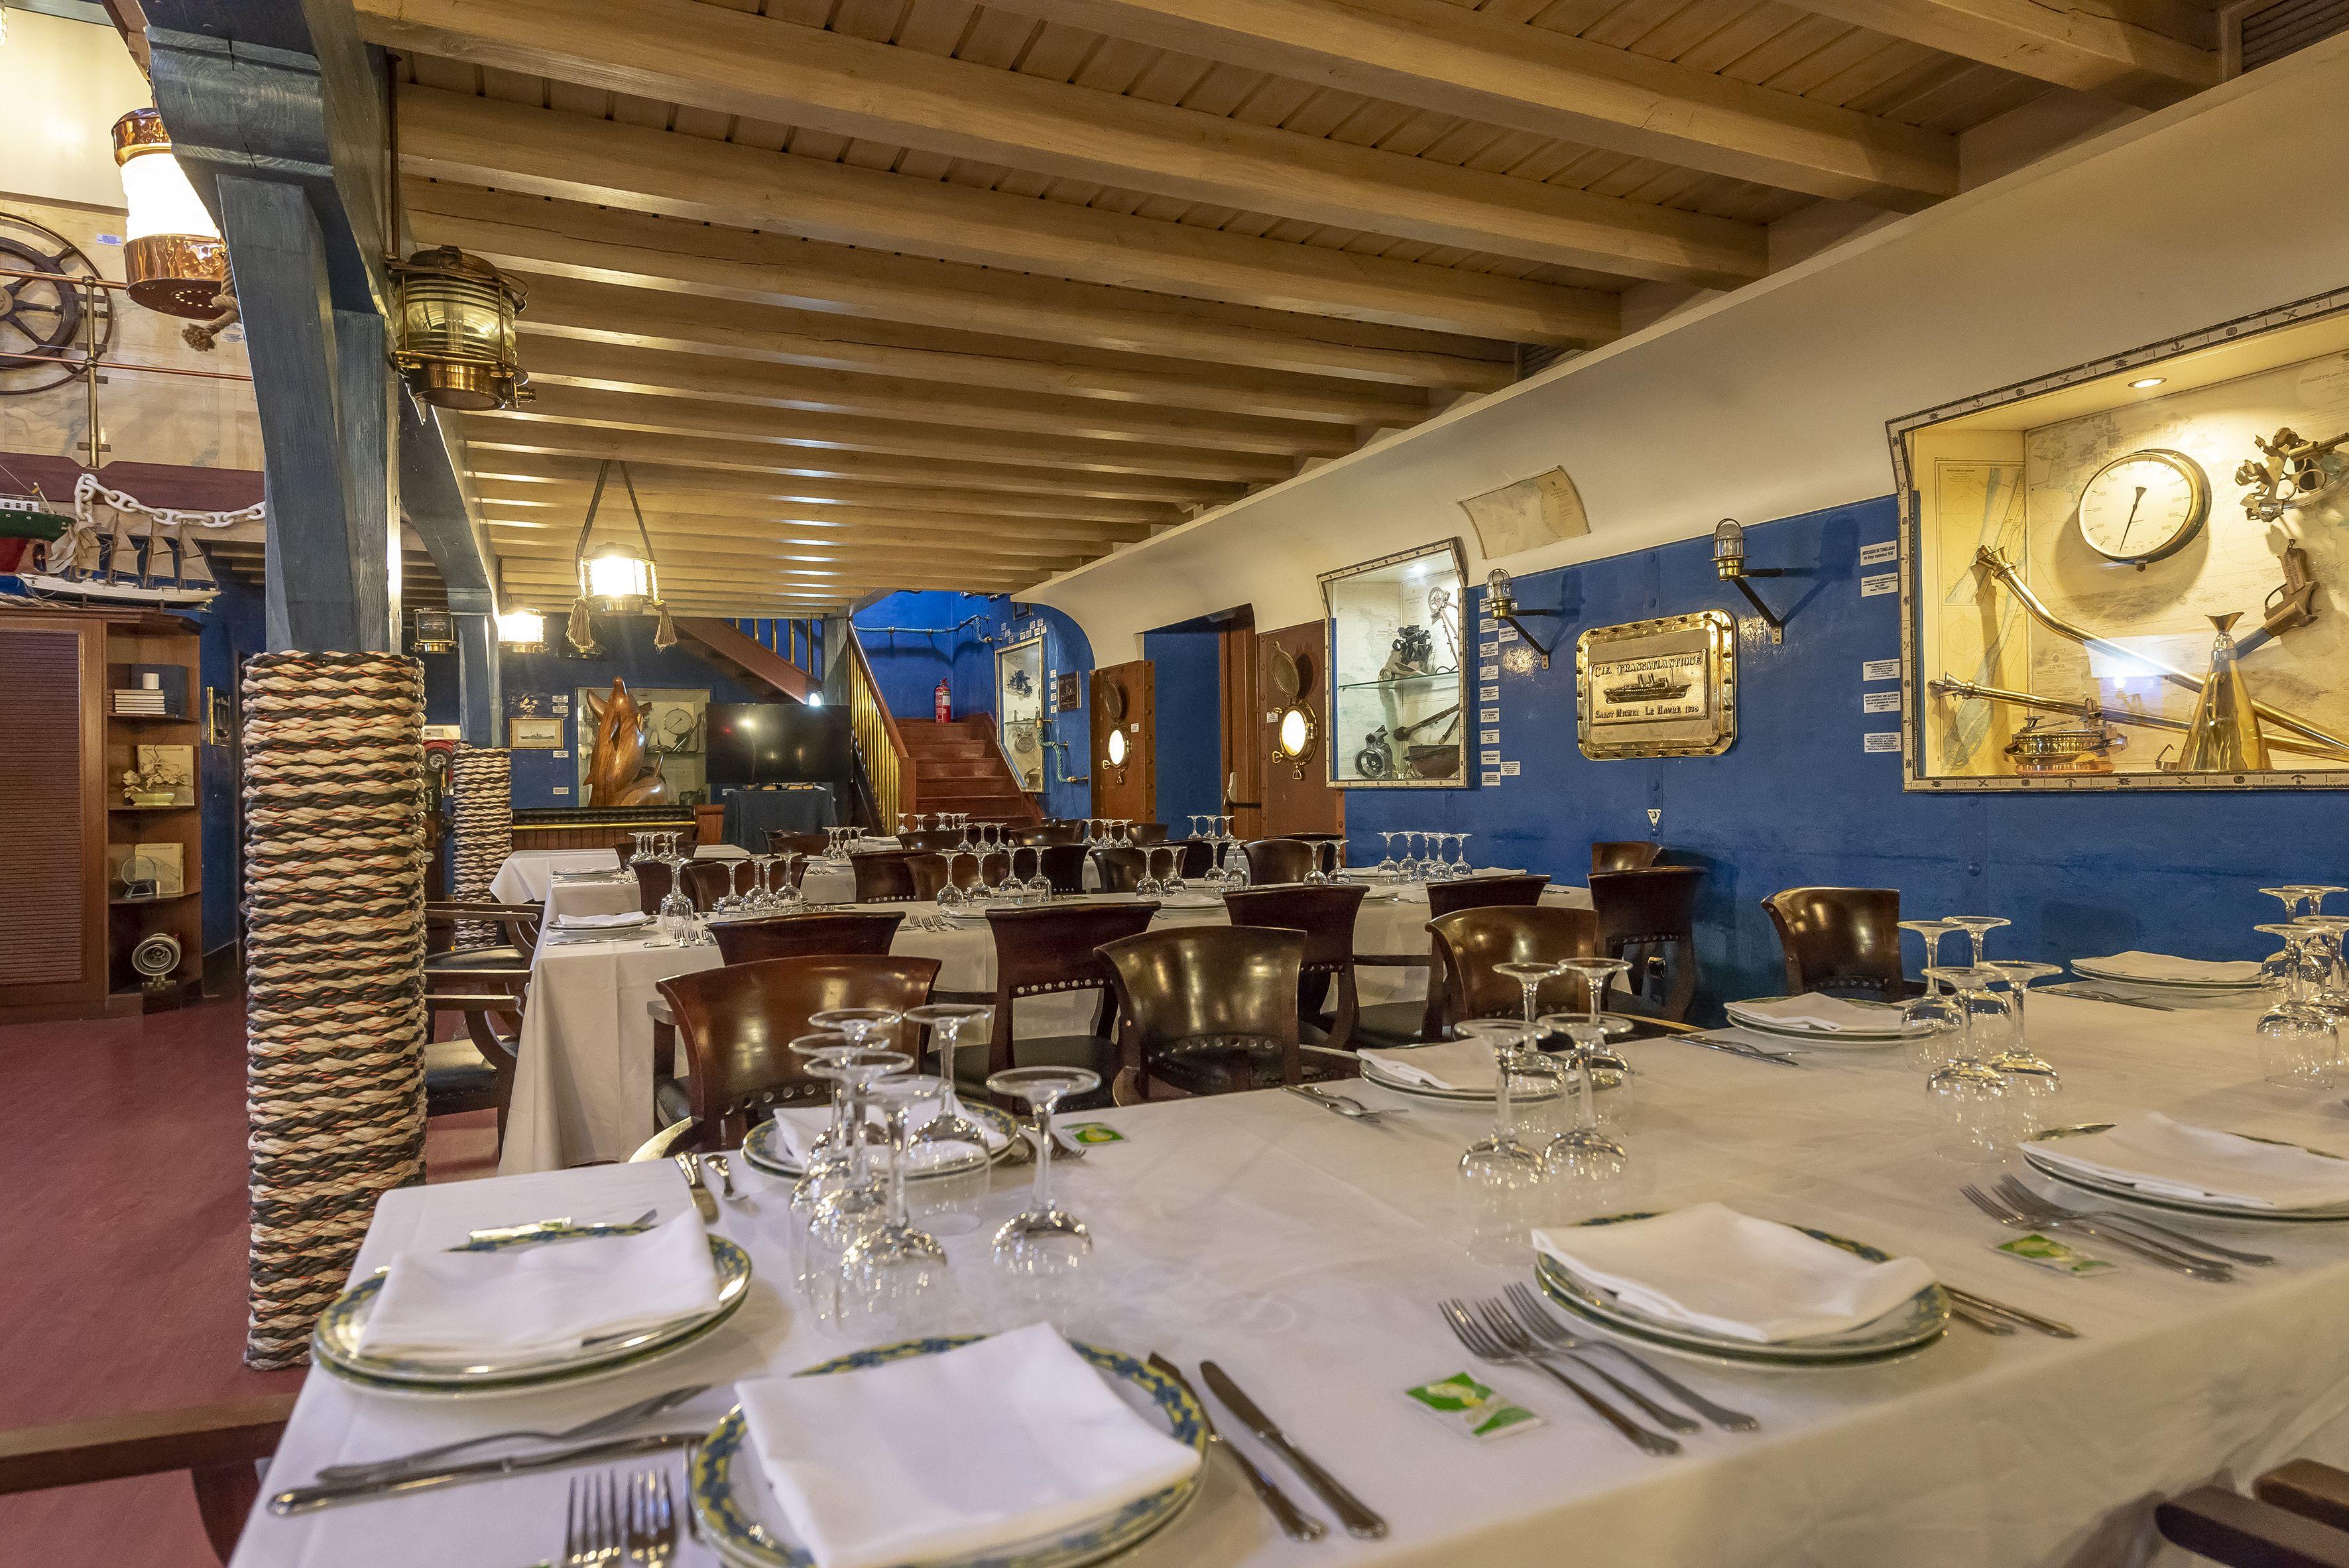 Foto 1 de Restaurante para celebraciones en  | Restaurante Untzigain - Museo el Barco